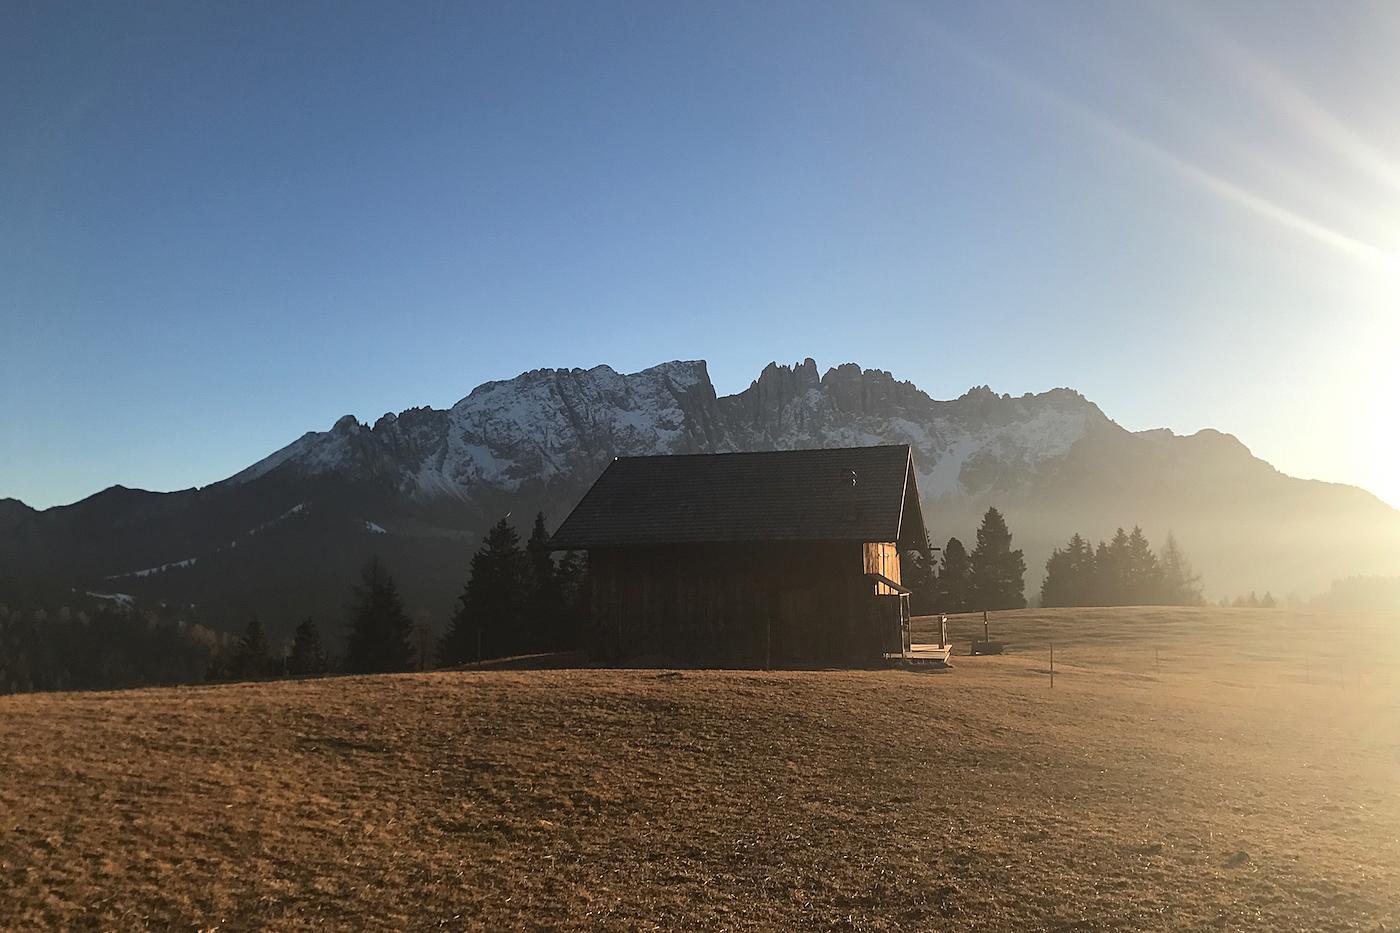 skiwoche südtirol _ Tscheiner Hütte Karerpass, winterholidays south tyrol - winterferien südtirol,